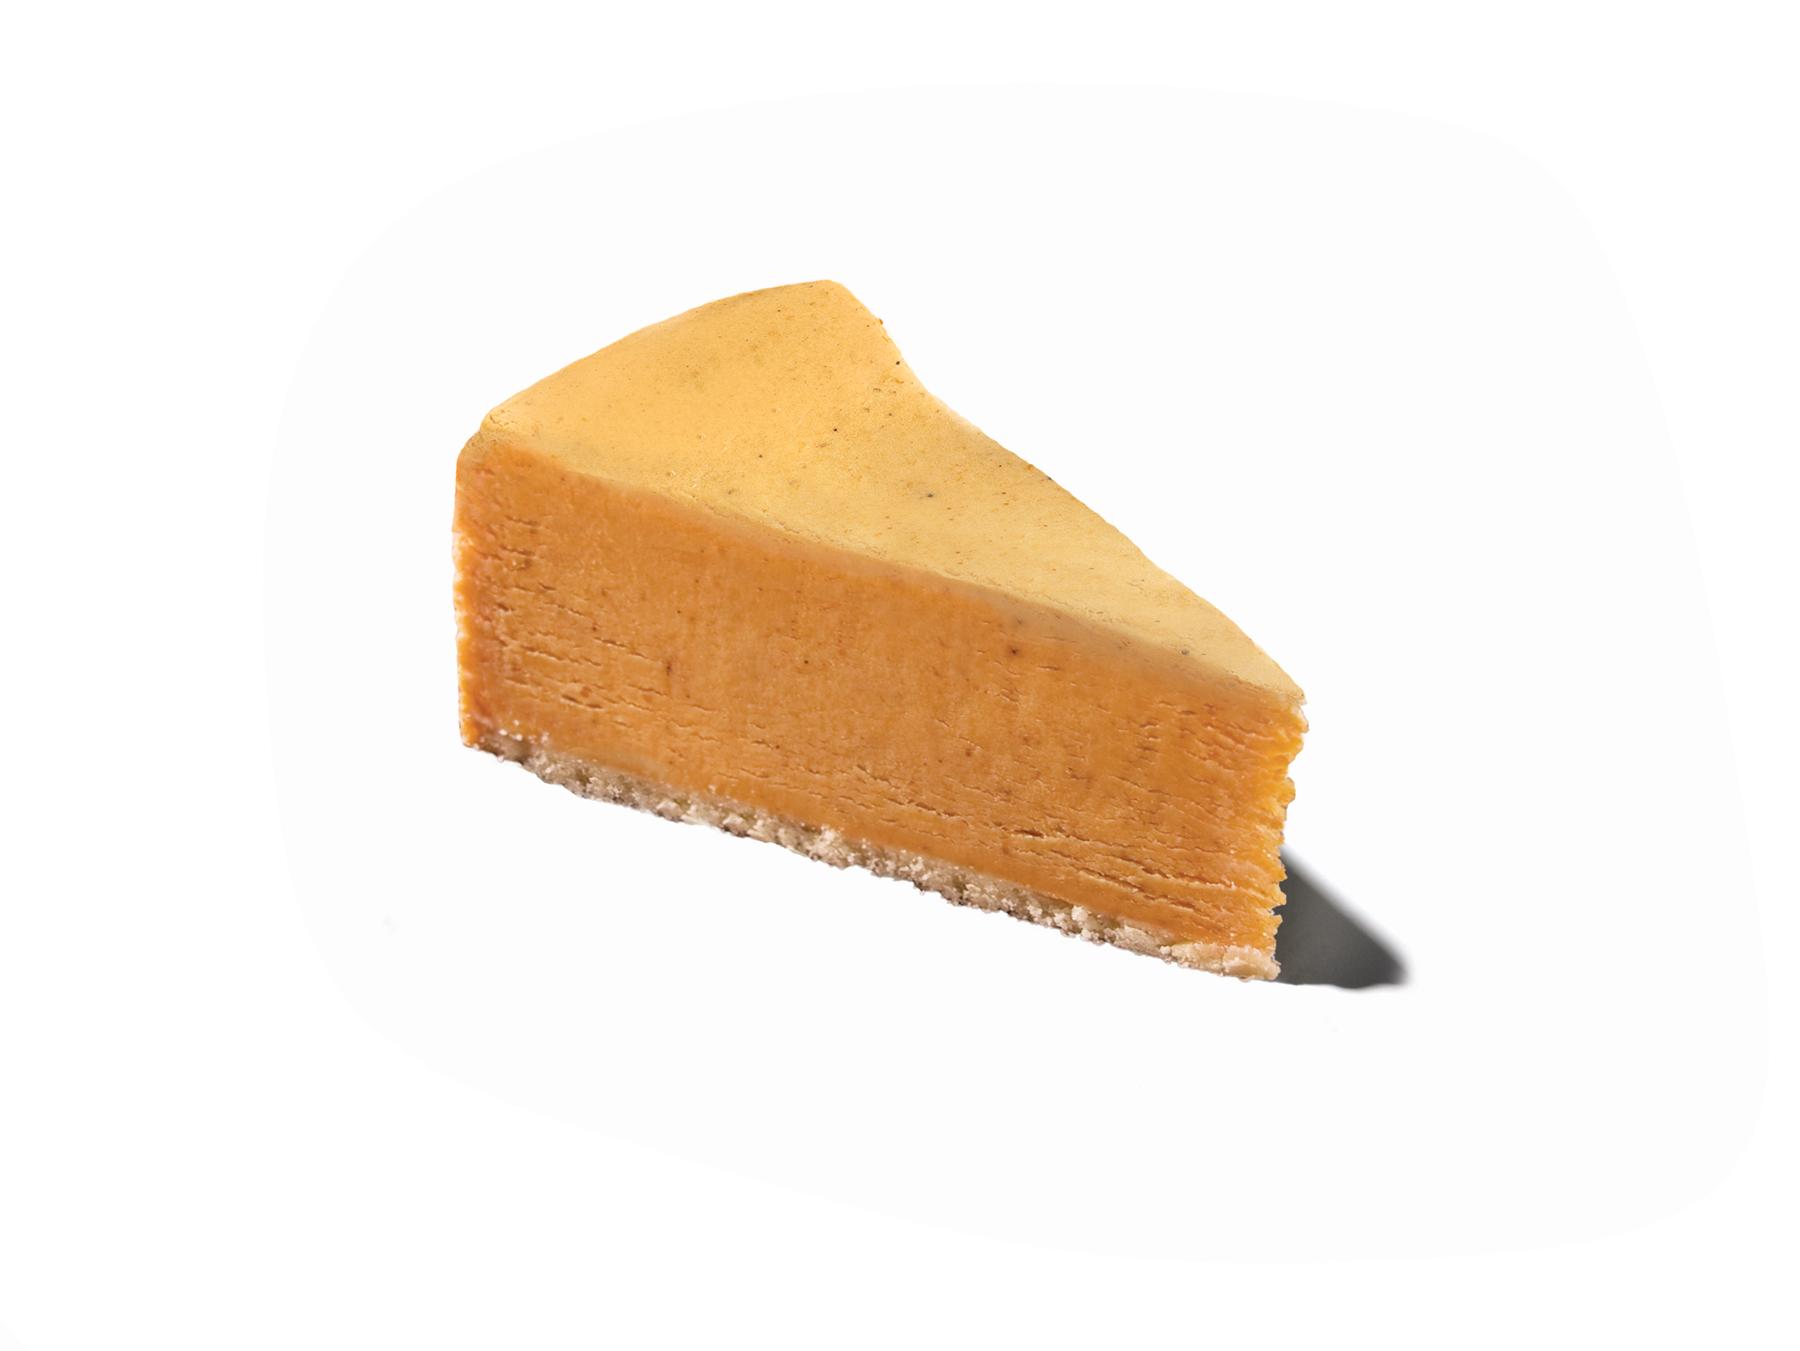 A slice of Eli's Pumpkin Cheesecake